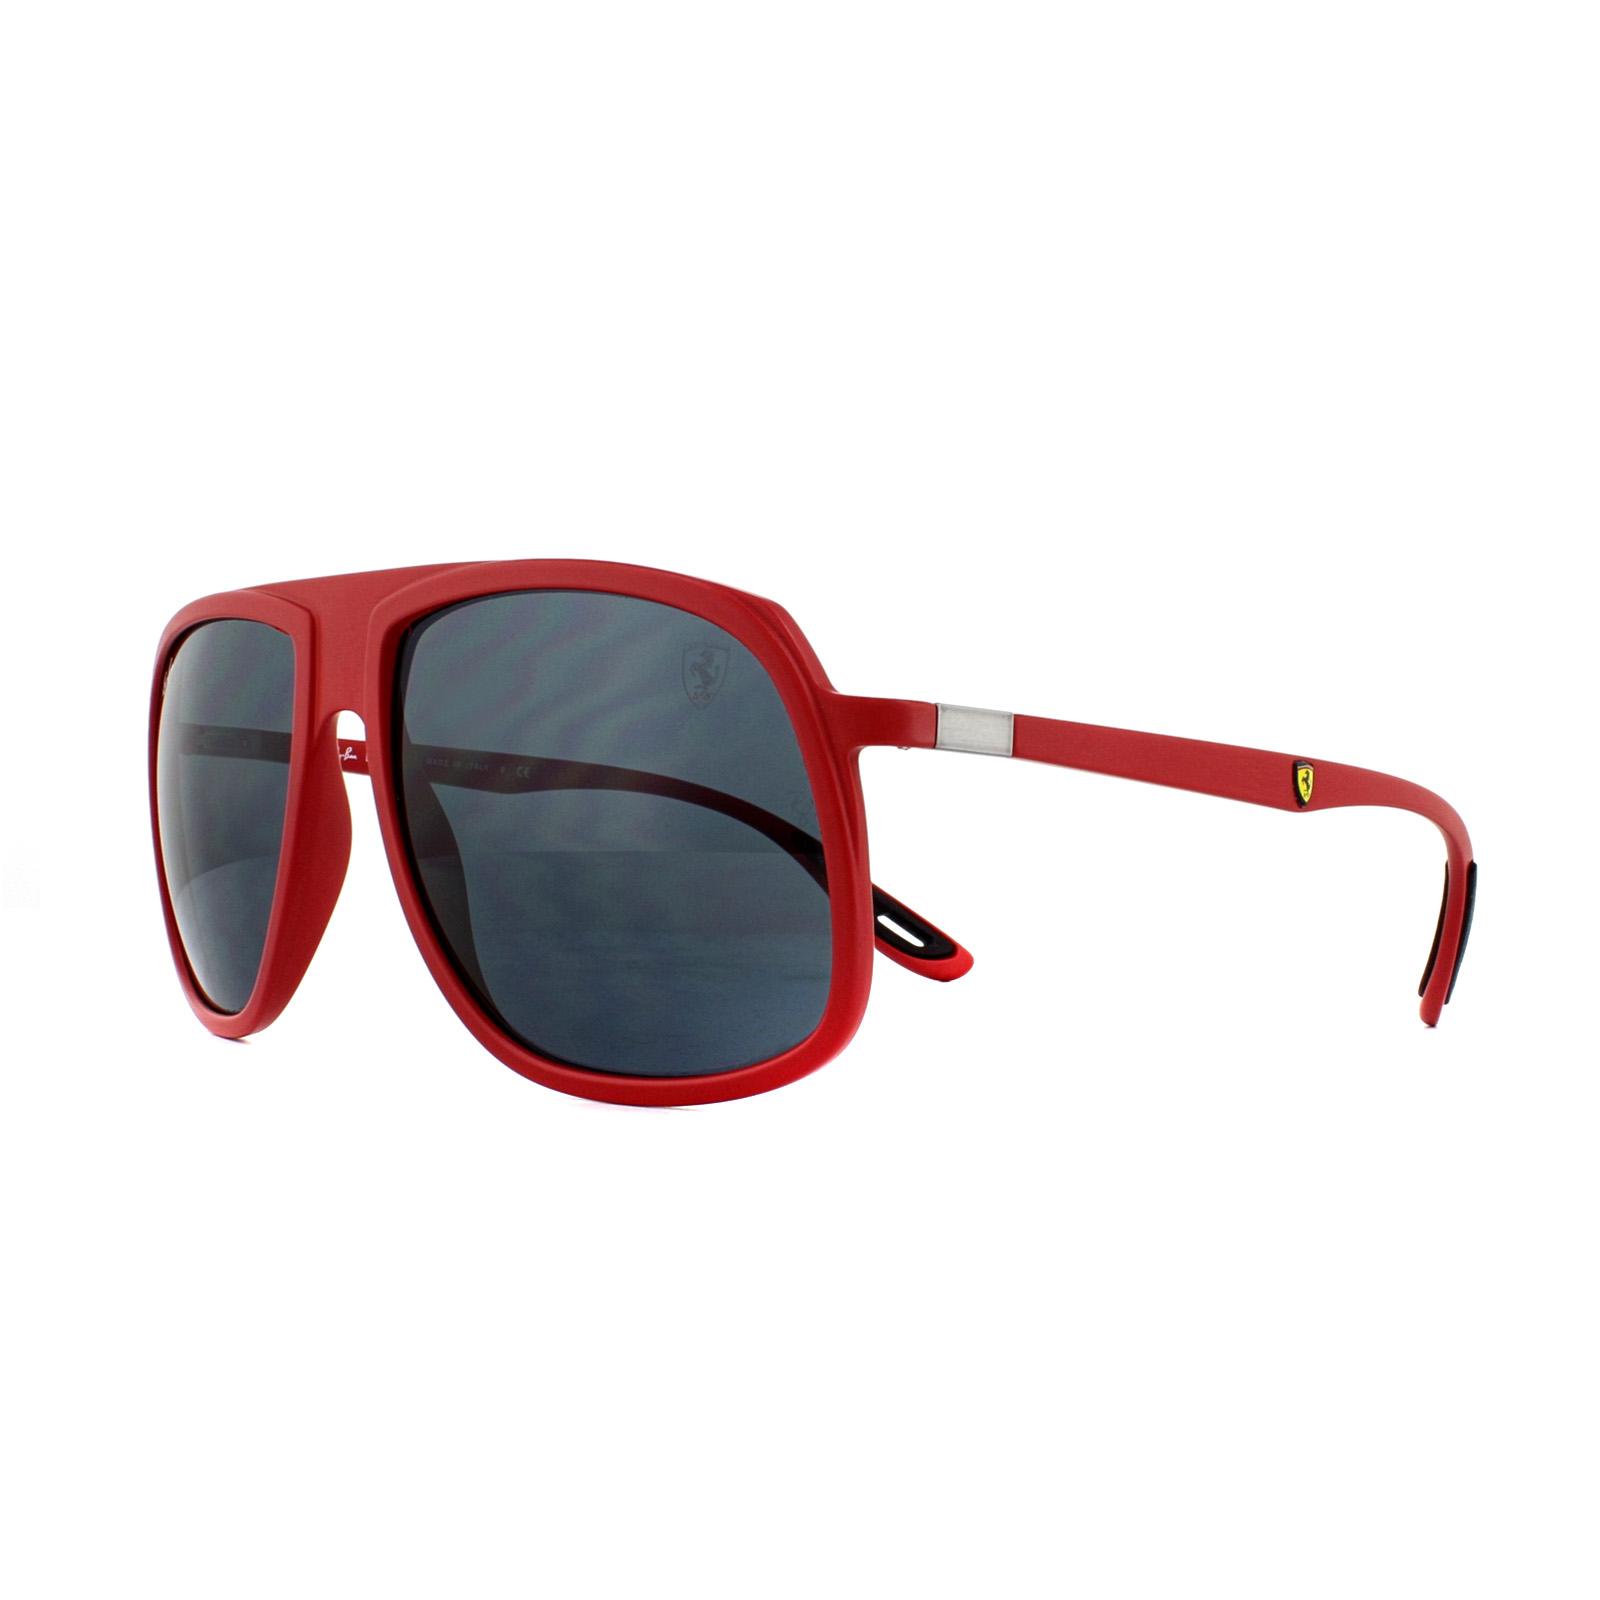 eb29c290f9f Sentinel Ray-Ban Sunglasses Scuderia Ferrari RB4308M F62887 Matte Red Grey  Gradient